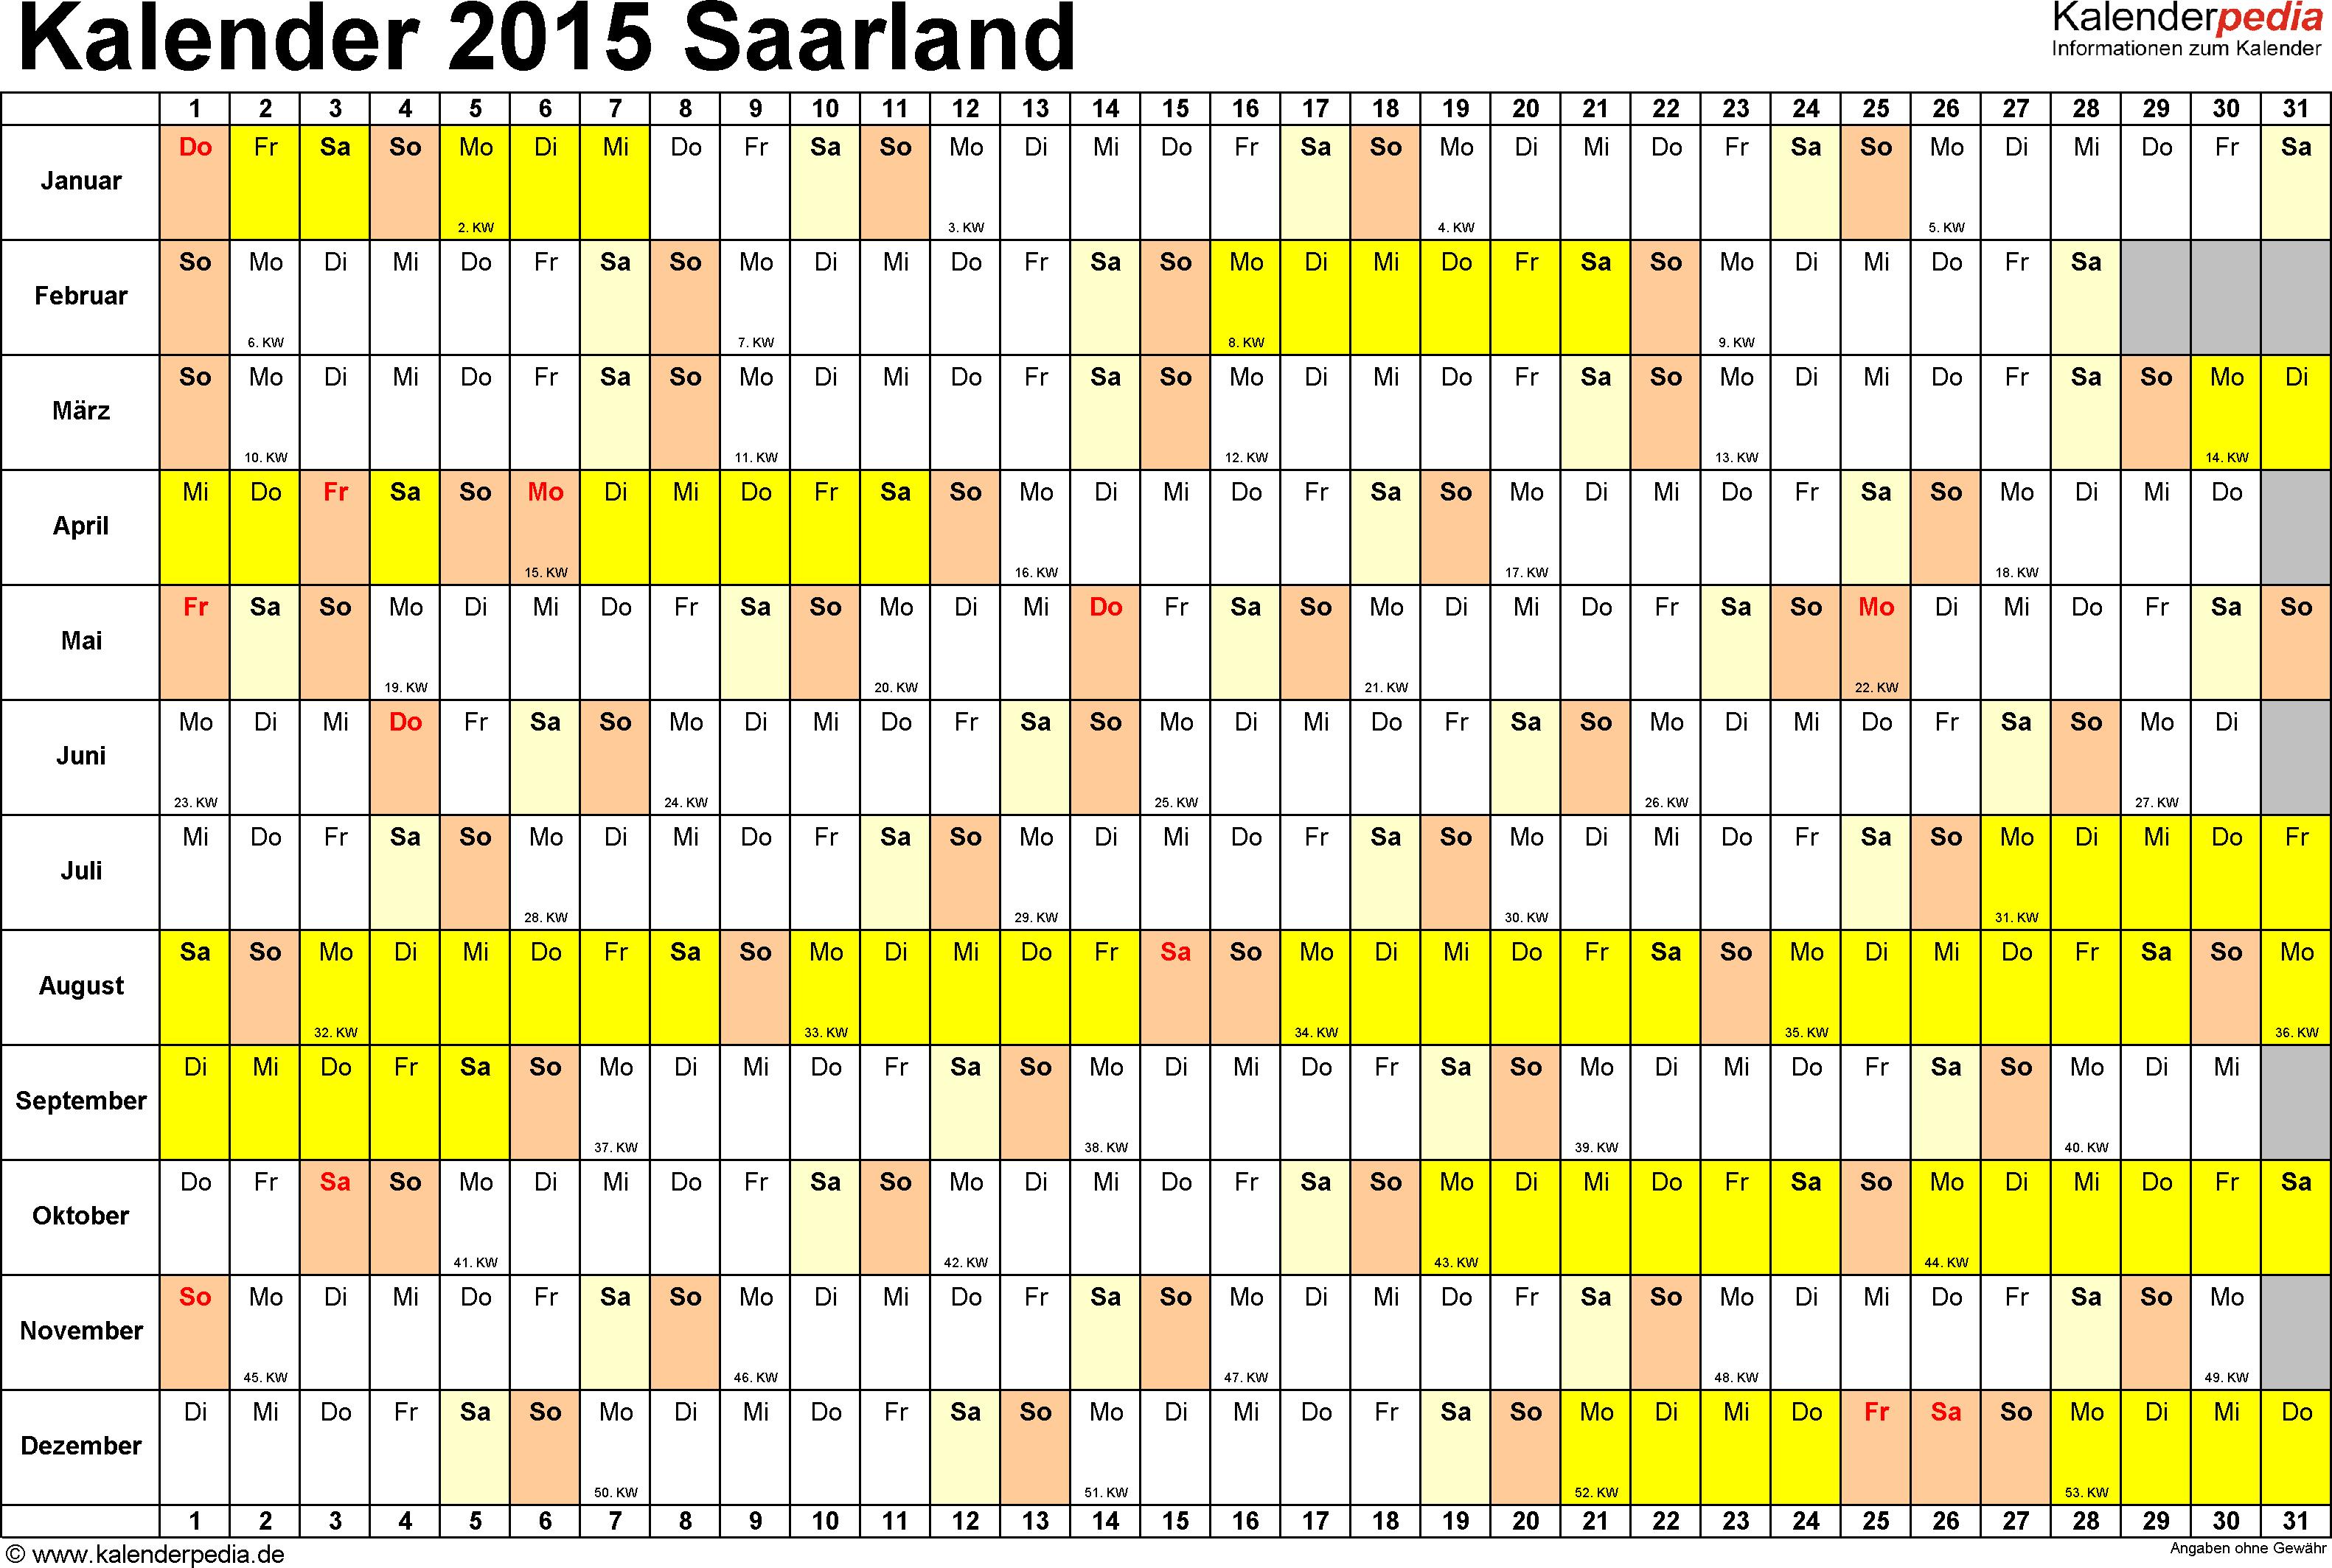 Vorlage 2: Kalender Saarland 2015 im Querformat, Tage nebeneinander